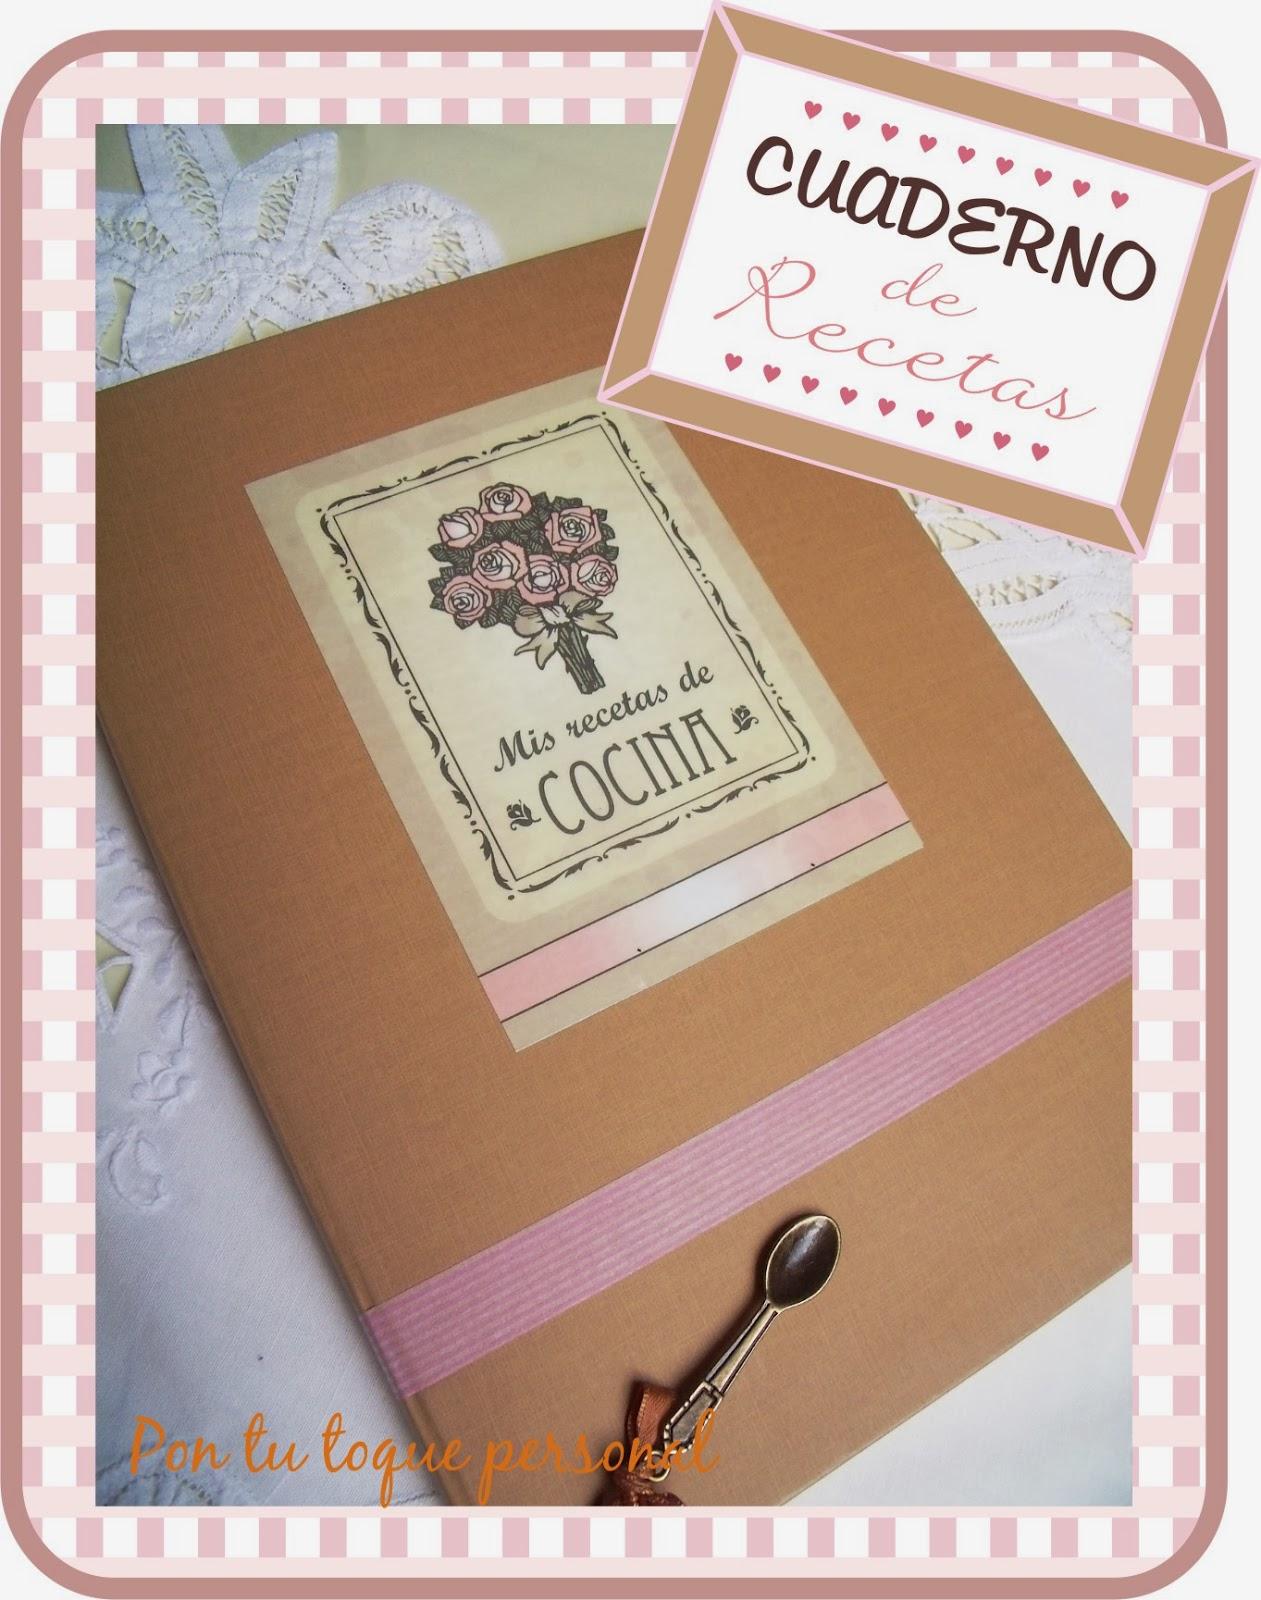 Pon tu toque personal cuaderno para recetas de cocina for Decoraciones para trabajos